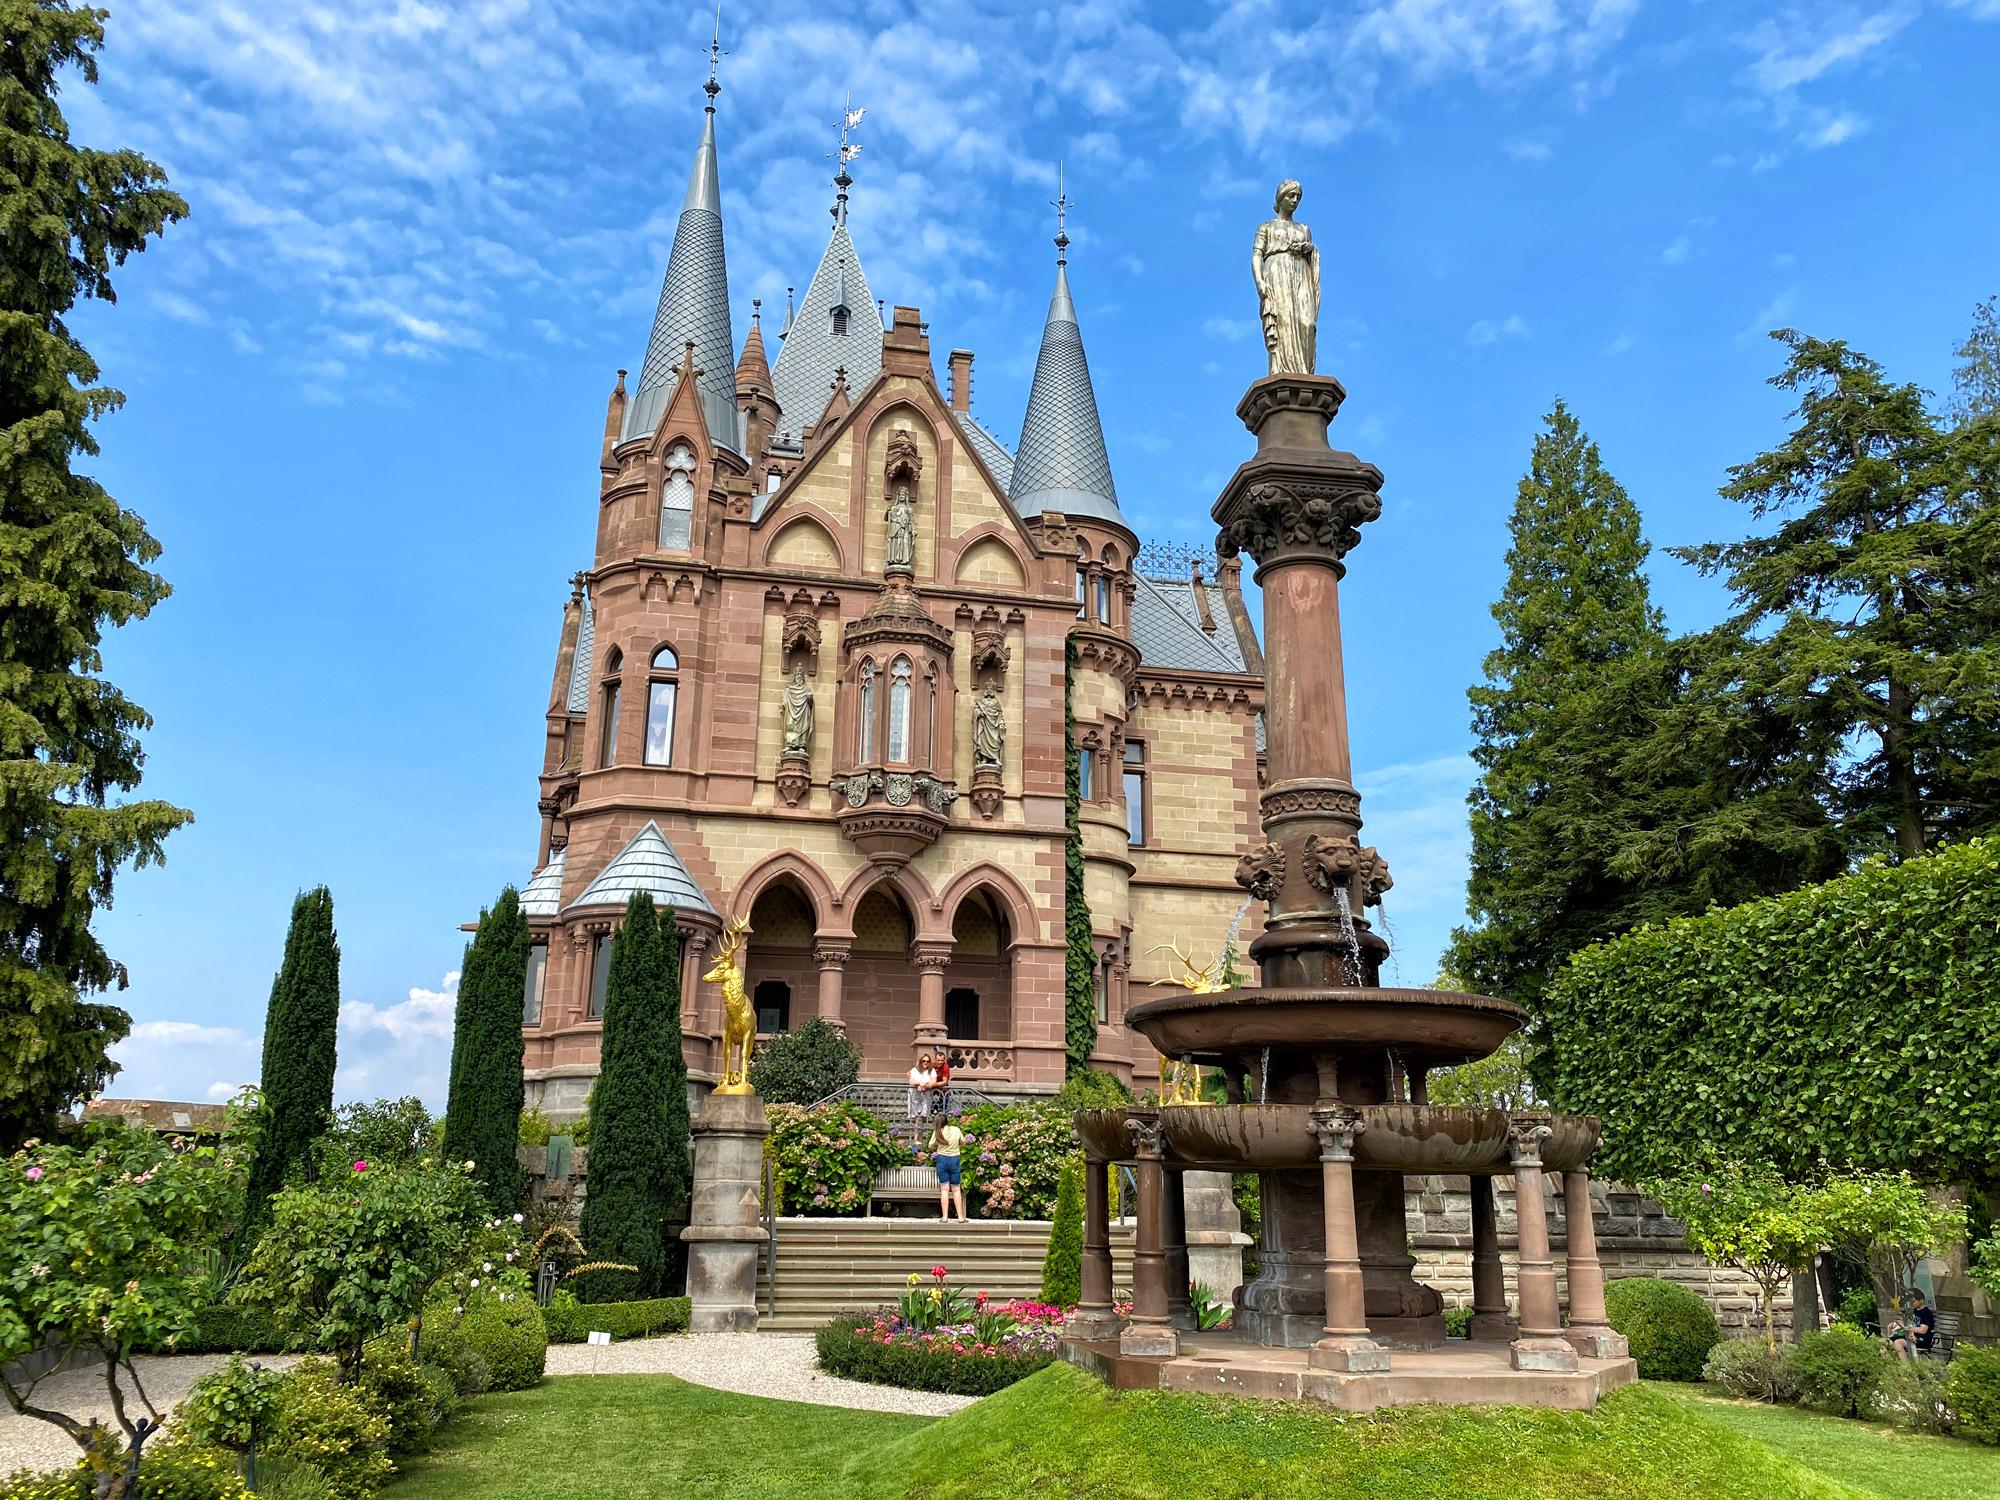 Foto van de maand: Augustus 2020 - Schloss Drachenburg, Duitsland